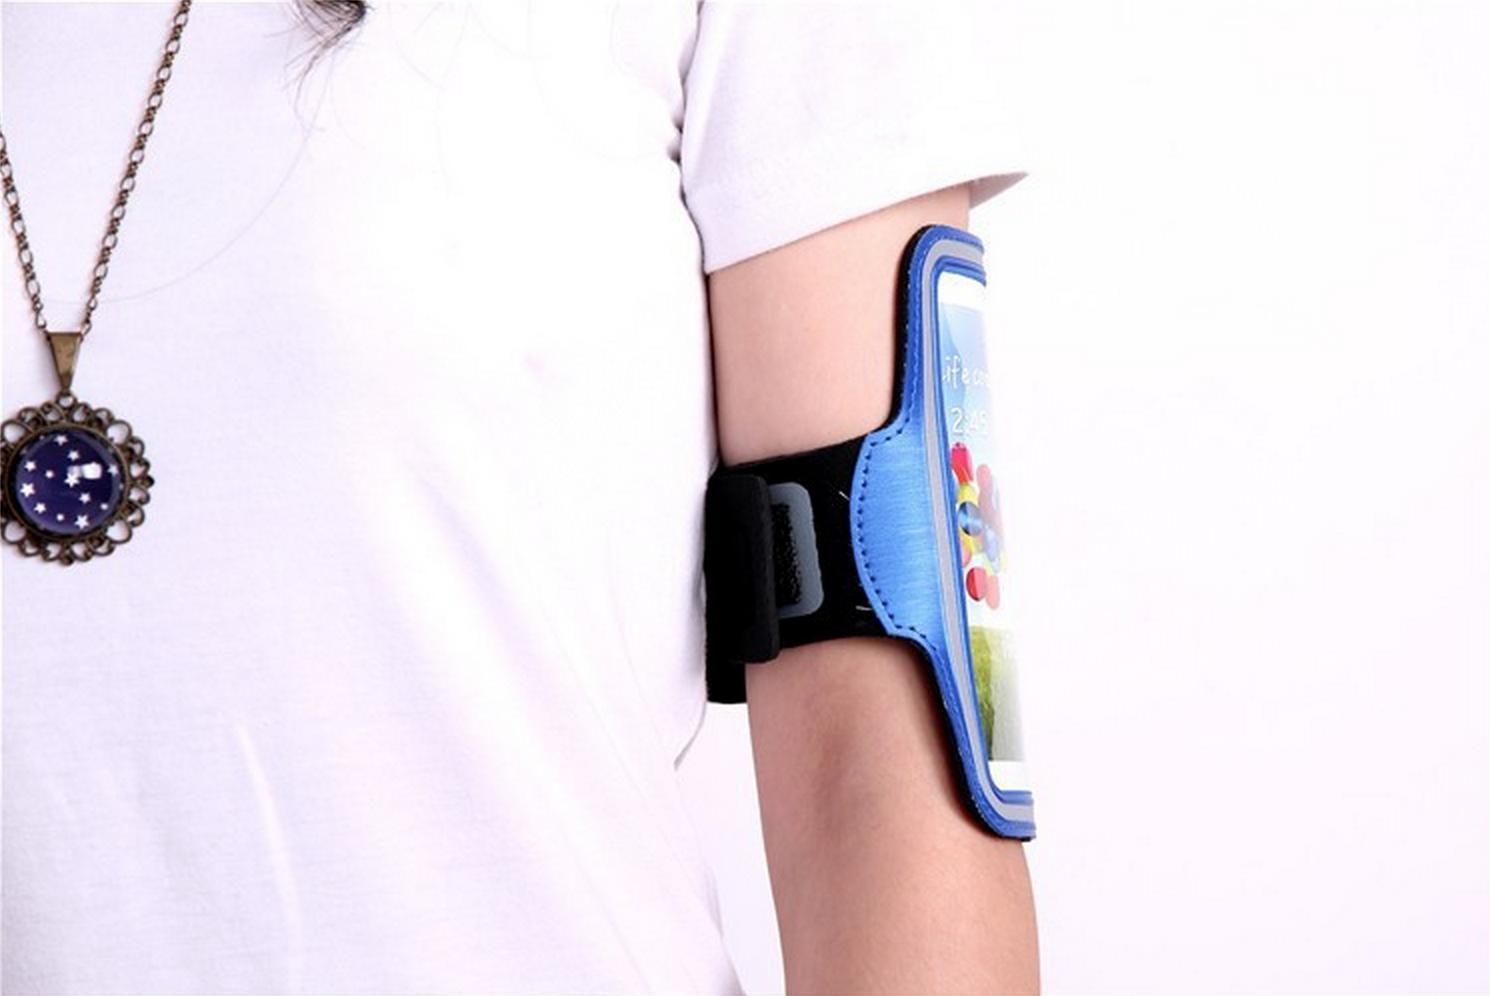 Обзор не гаджета. Выбираем лучший чехол для тренировок и другие аксессуары для смартфонов: повязки, сумки и силиконовый карман Adidas - 15